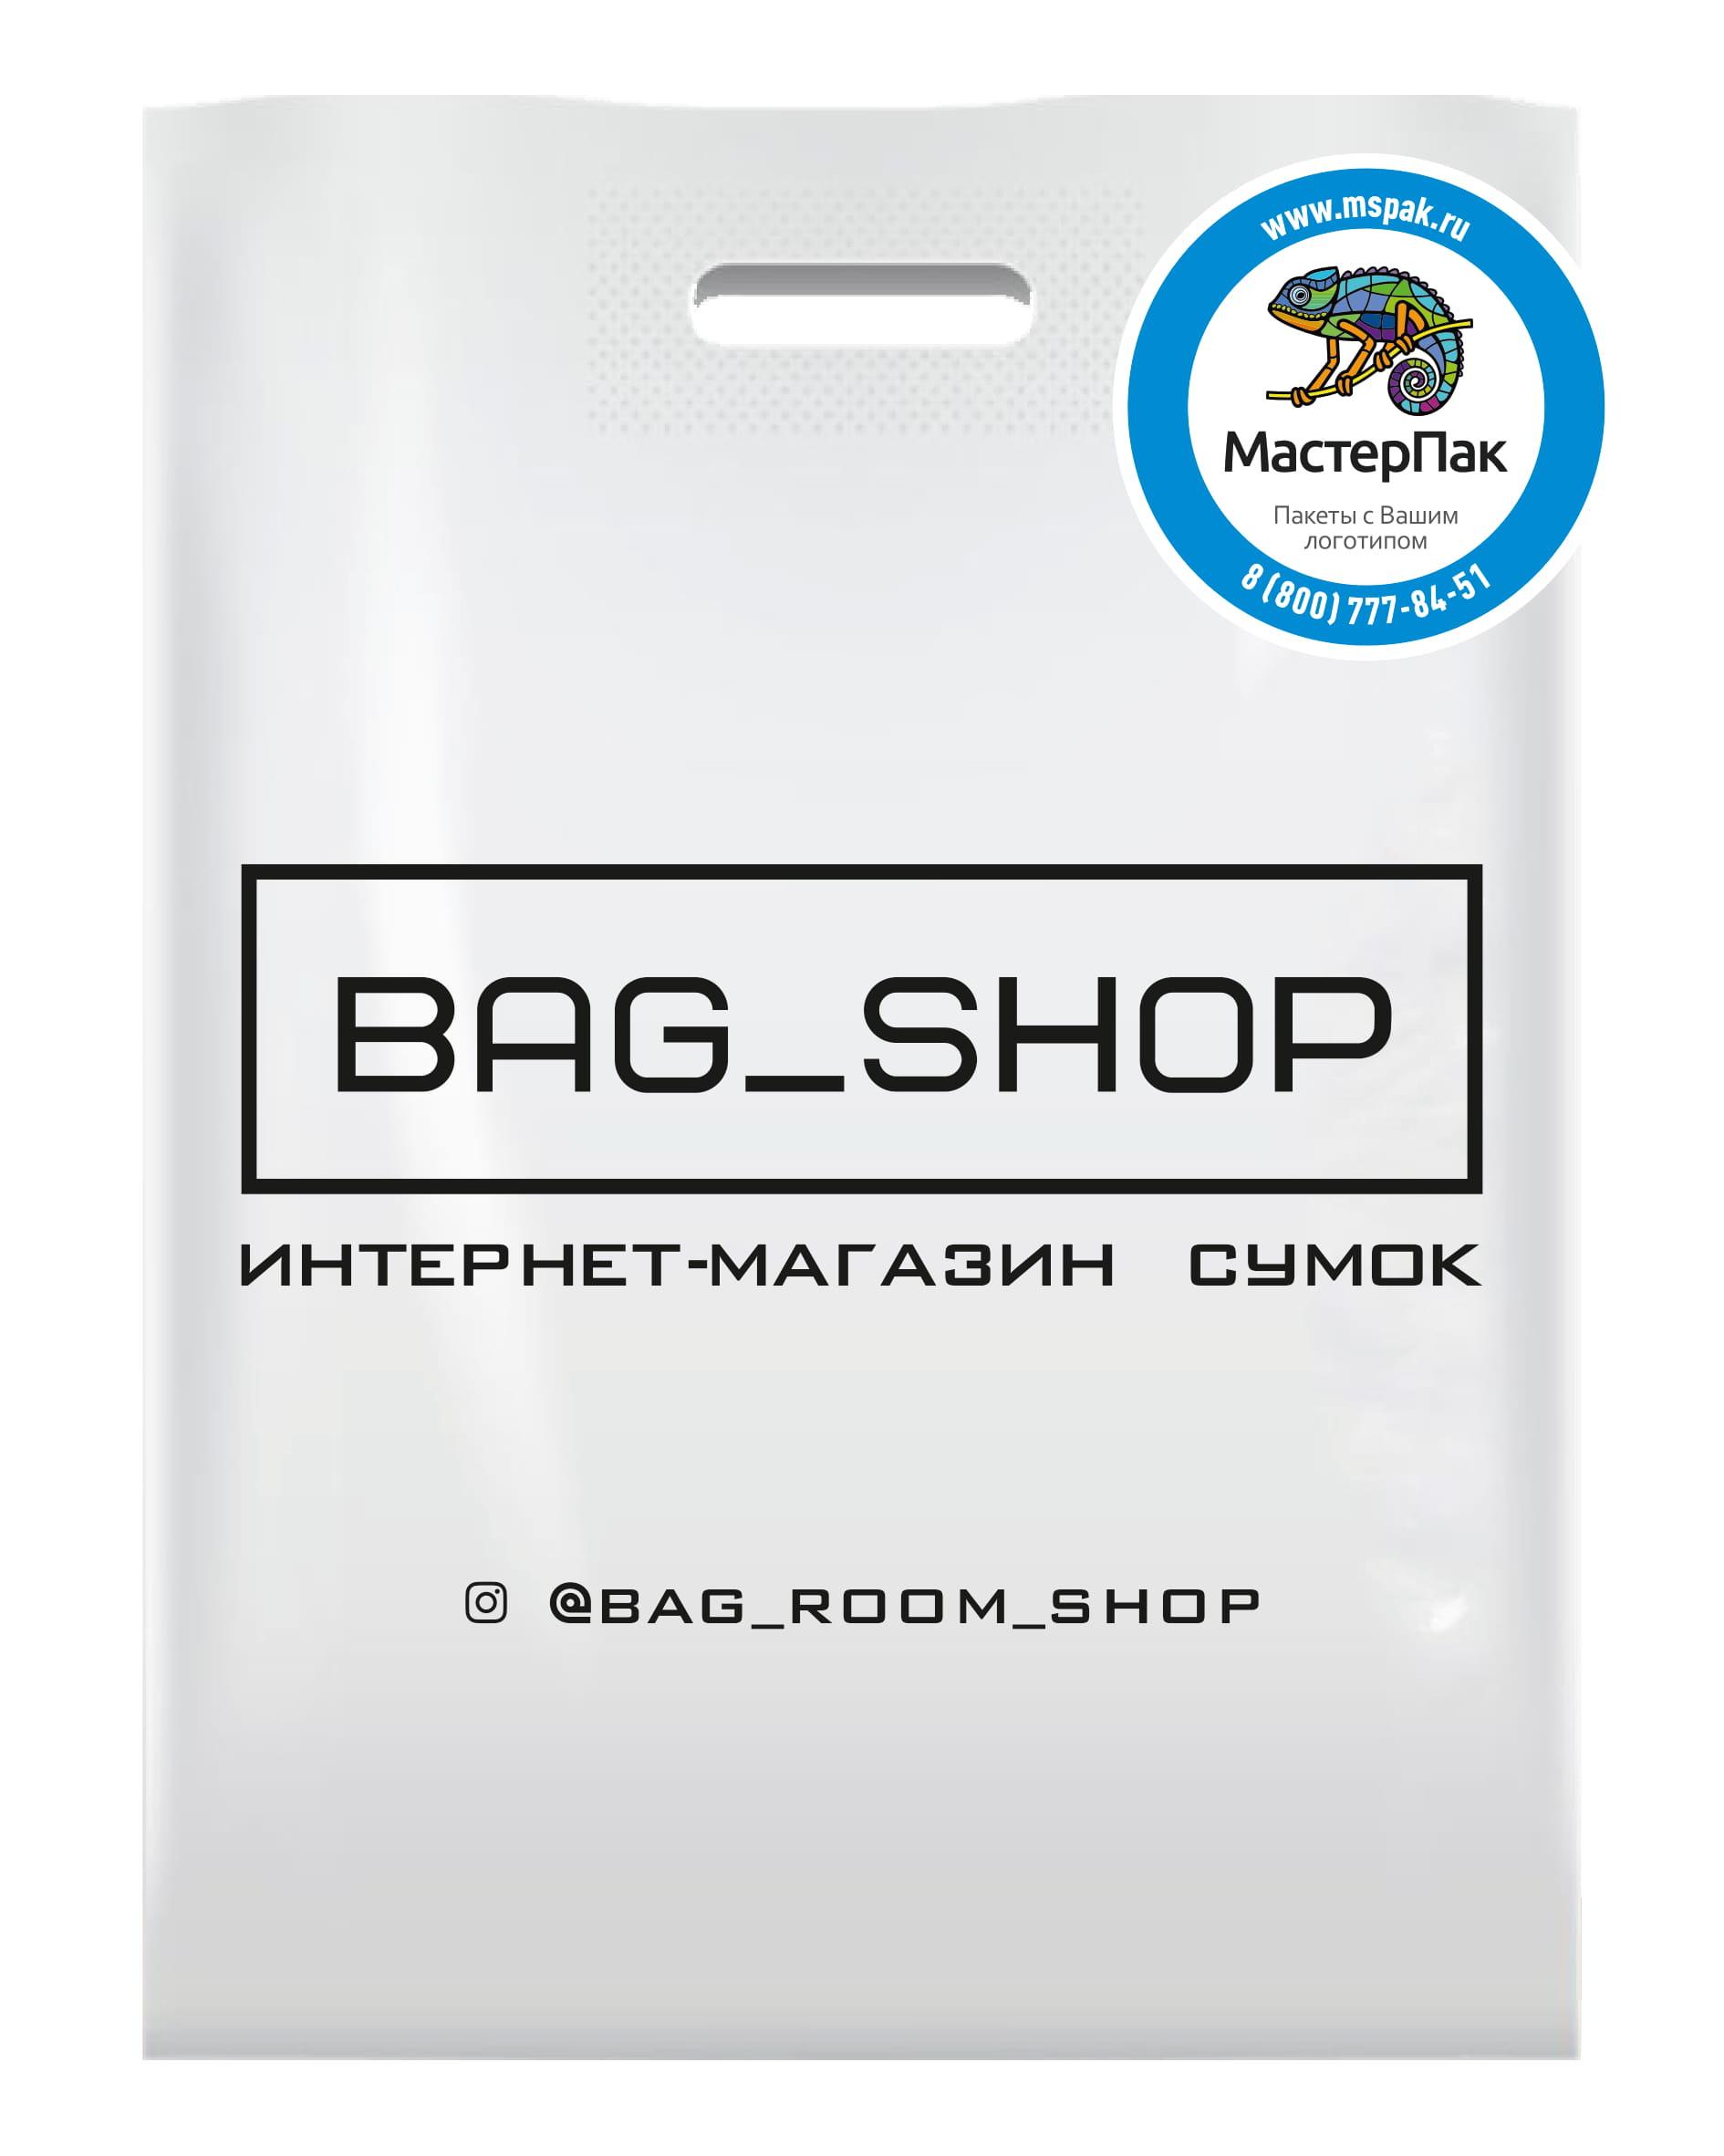 Пакет ПВД с логотипом Bag_shop, Южно-Сахалинск, 70 мкм, 30*40 см, белый